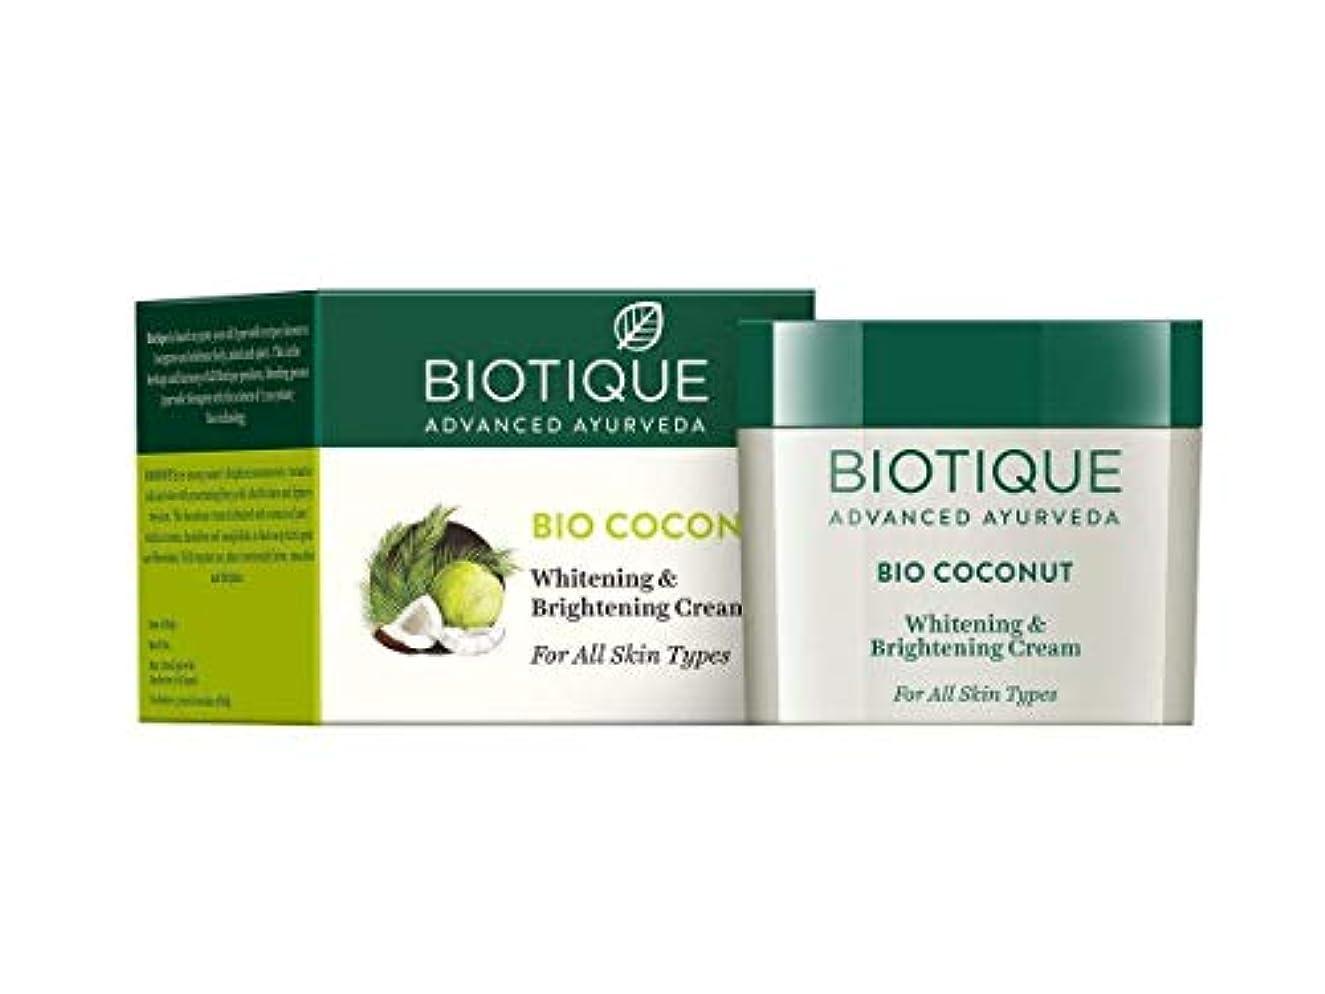 五喜んで女の子Biotique Coconut Whitening & Brightening Cream 50g fade dark spots & Blemishes ビオティックココナッツホワイトニング&ブライトニングクリームフェードダークスポット&シミ